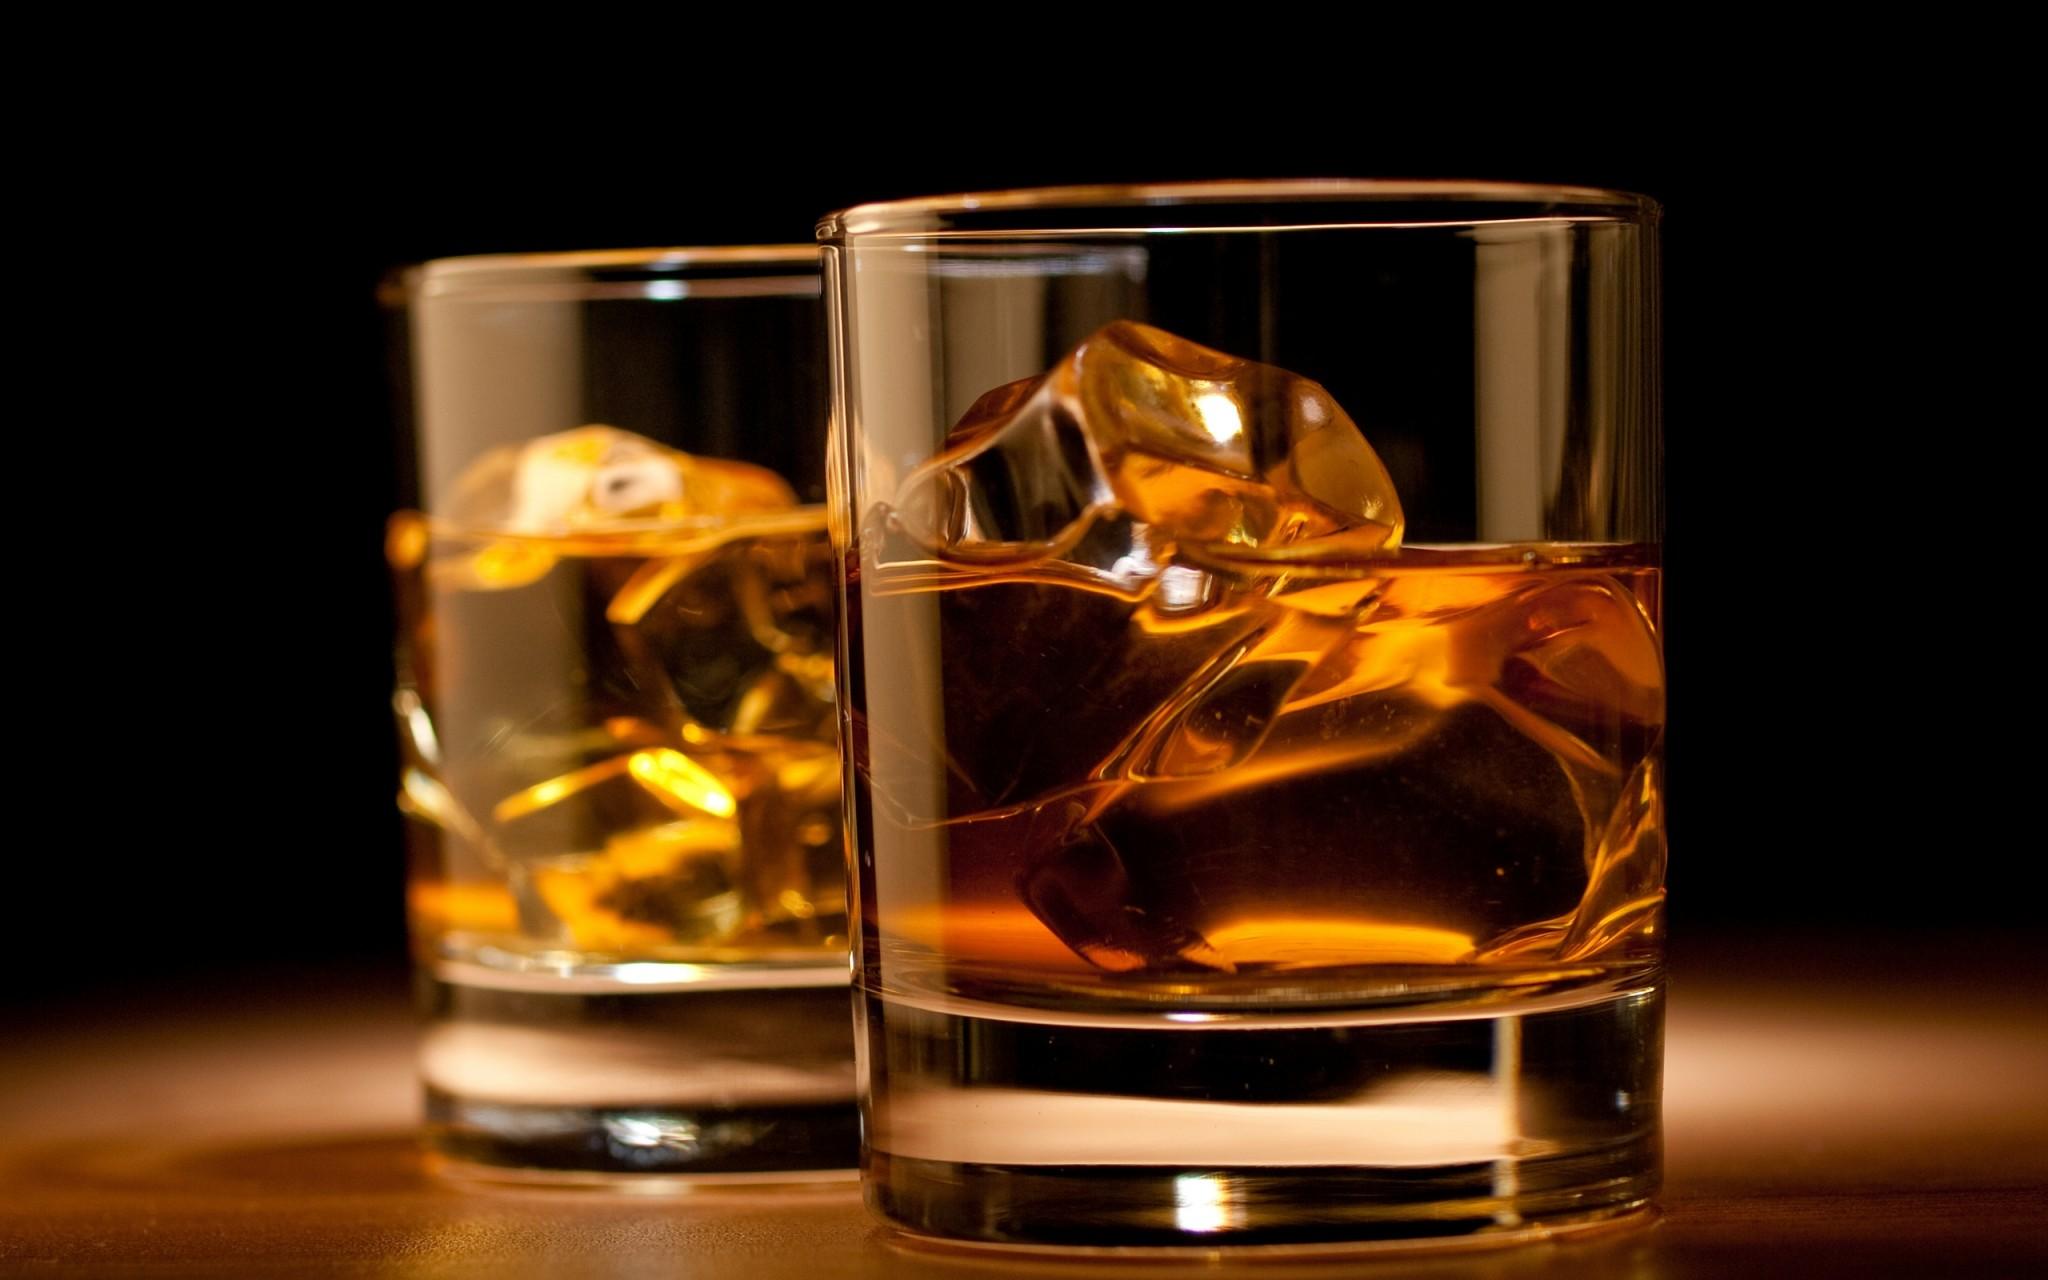 O whisky é uma bebida alcoólica feita de grãos, como os do malte.